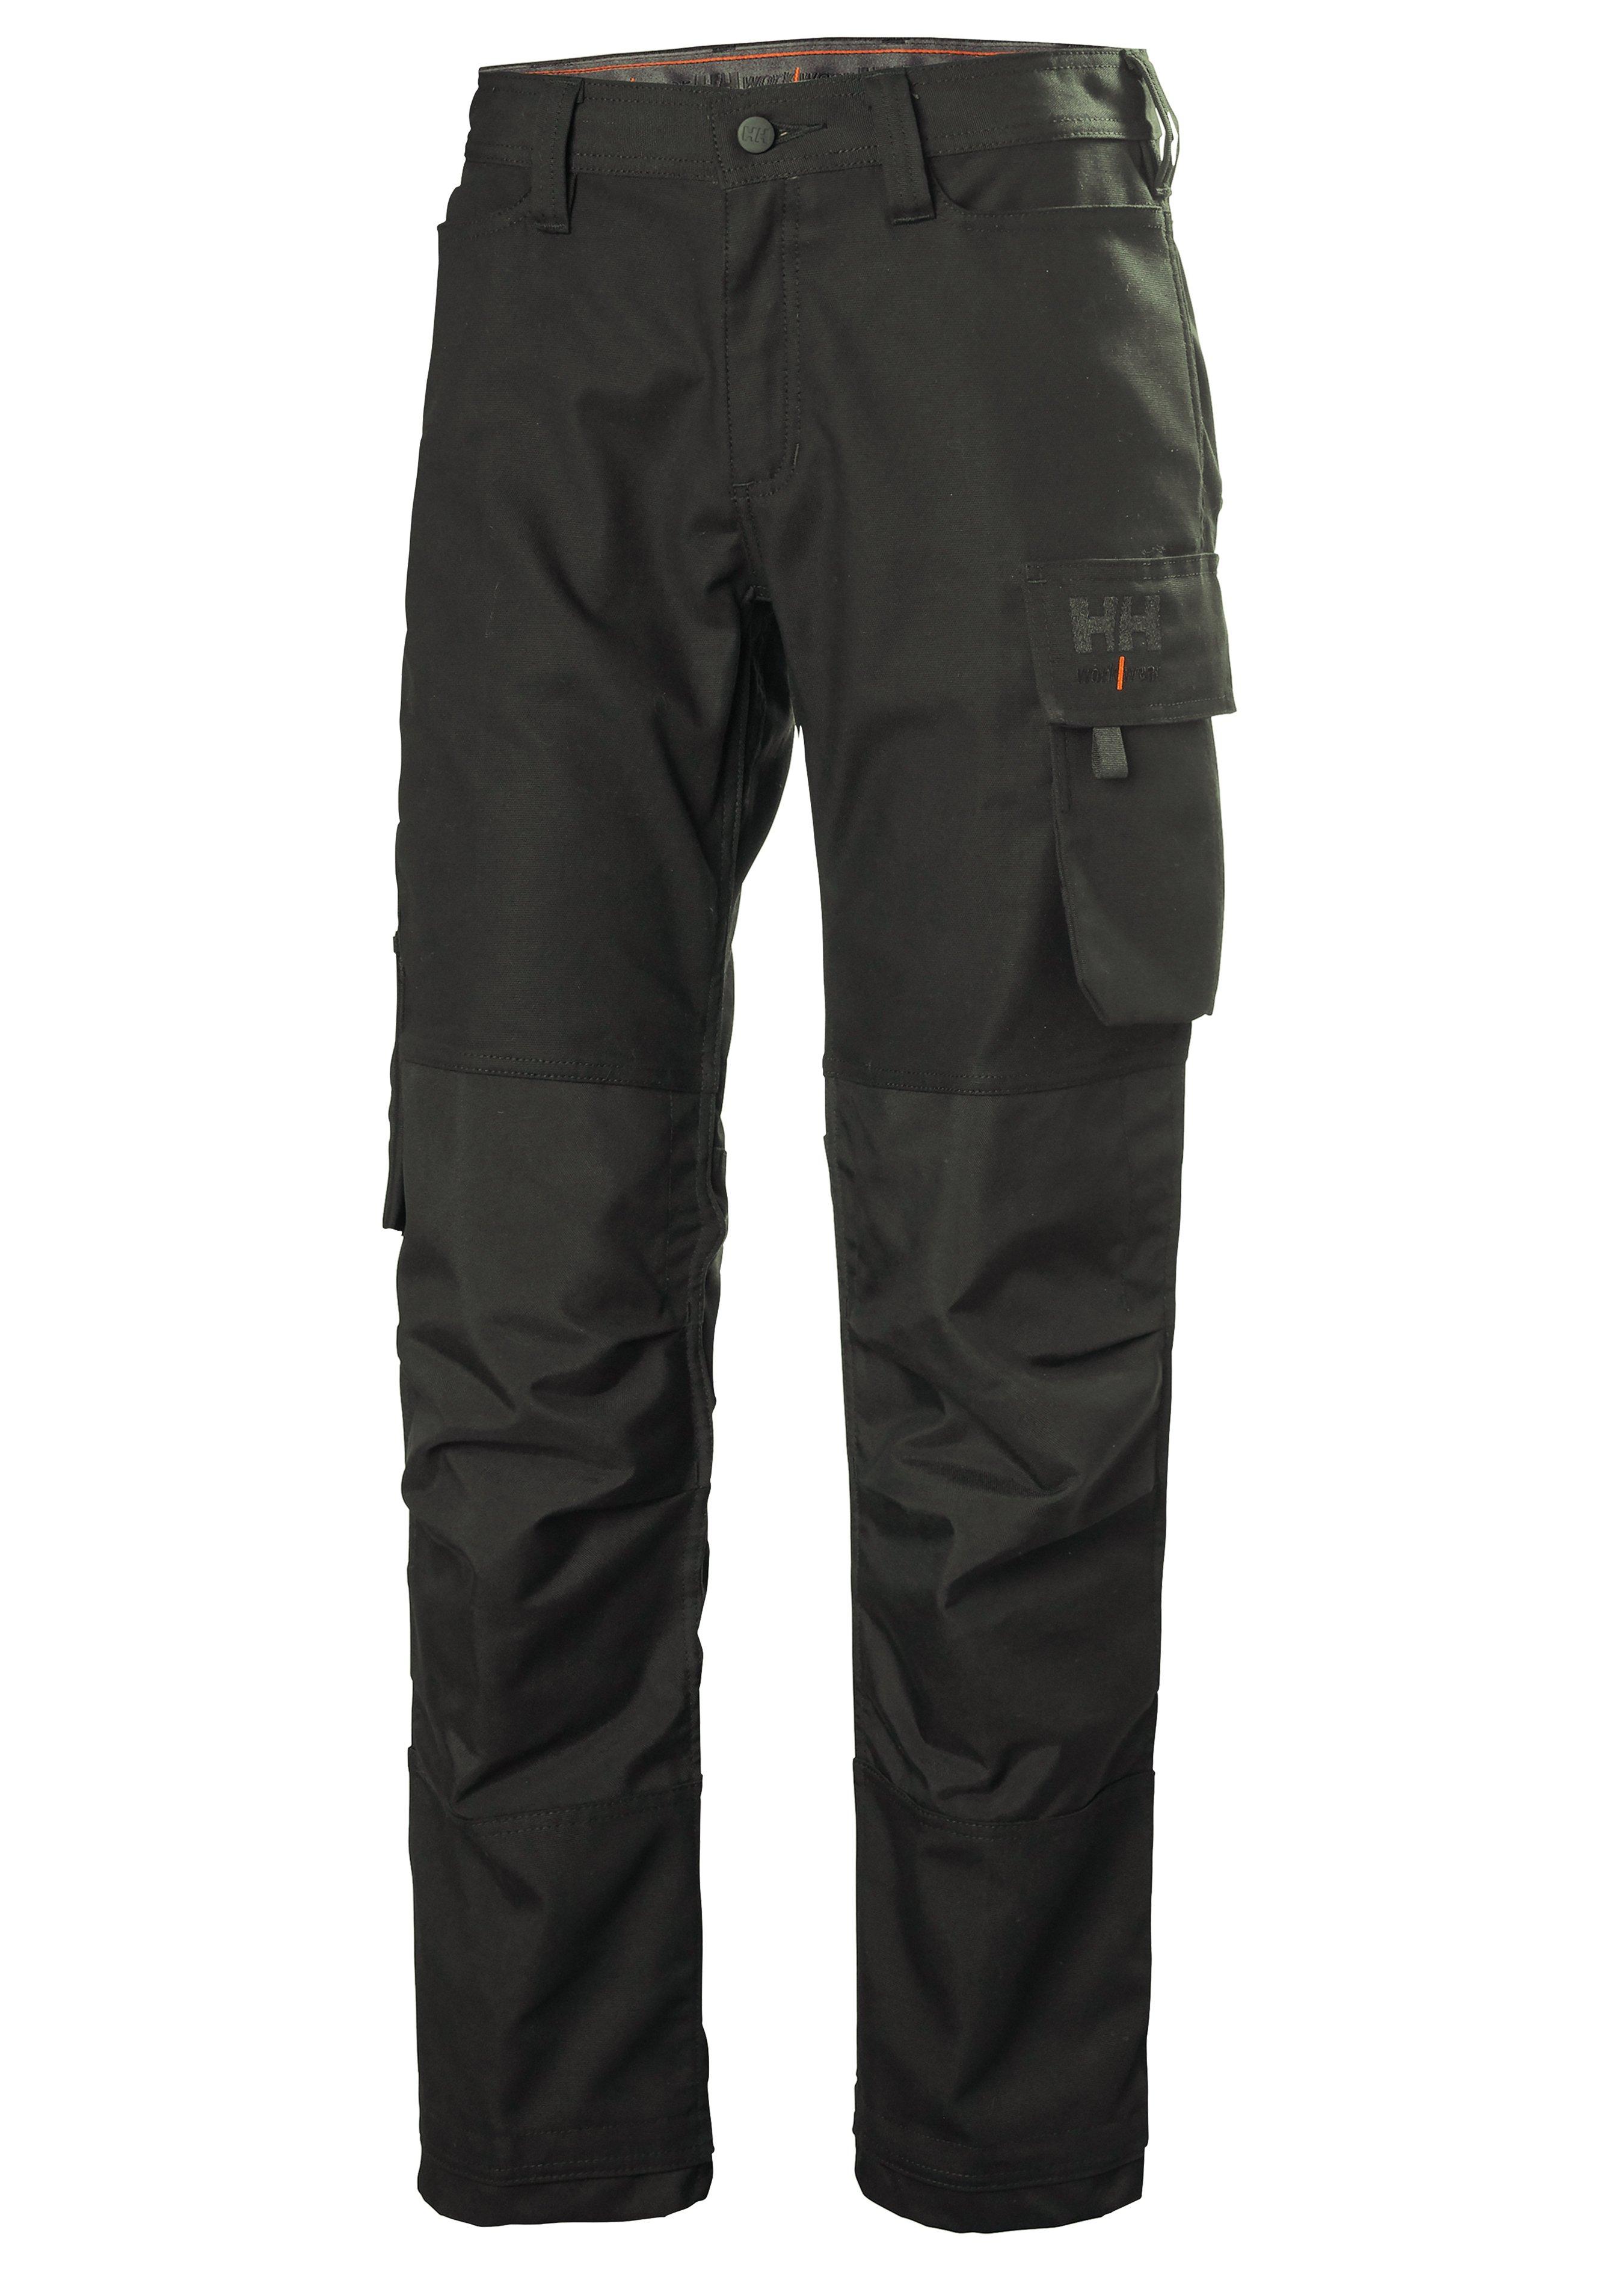 Pantalon de travail strech Luna pour dames 28851038 1